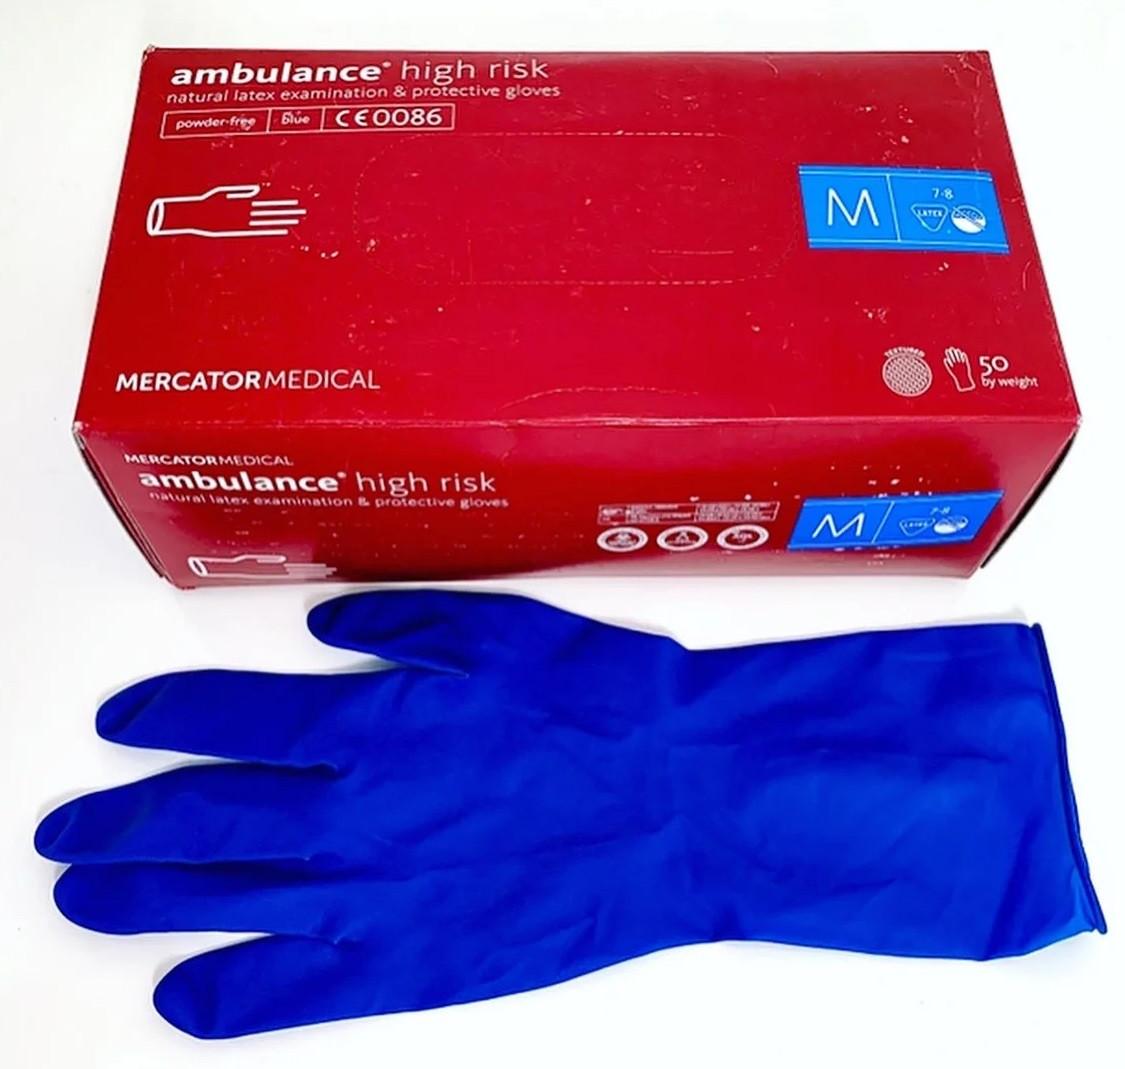 Перчатки латексные Mercator Medical Ambulance High Risk размер М 50 шт Синие